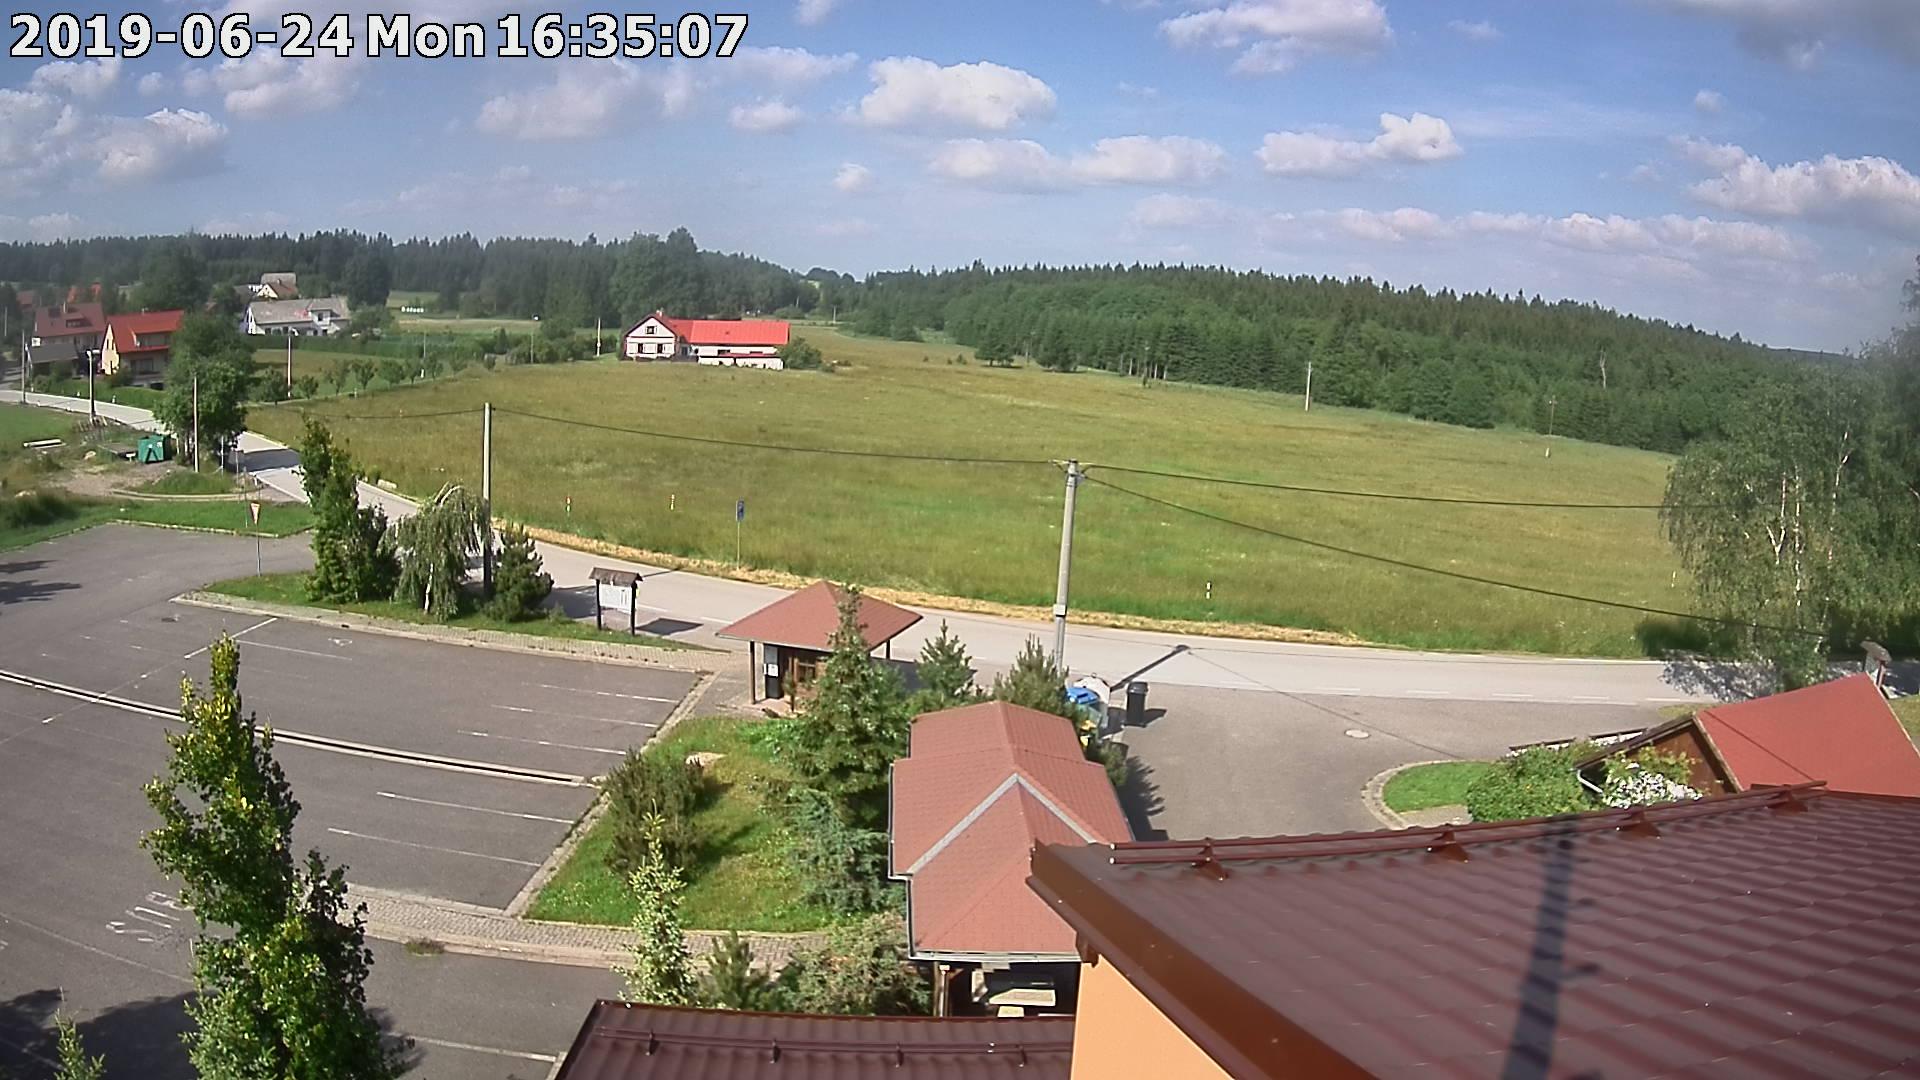 Webkamera ze dne 2019-06-24